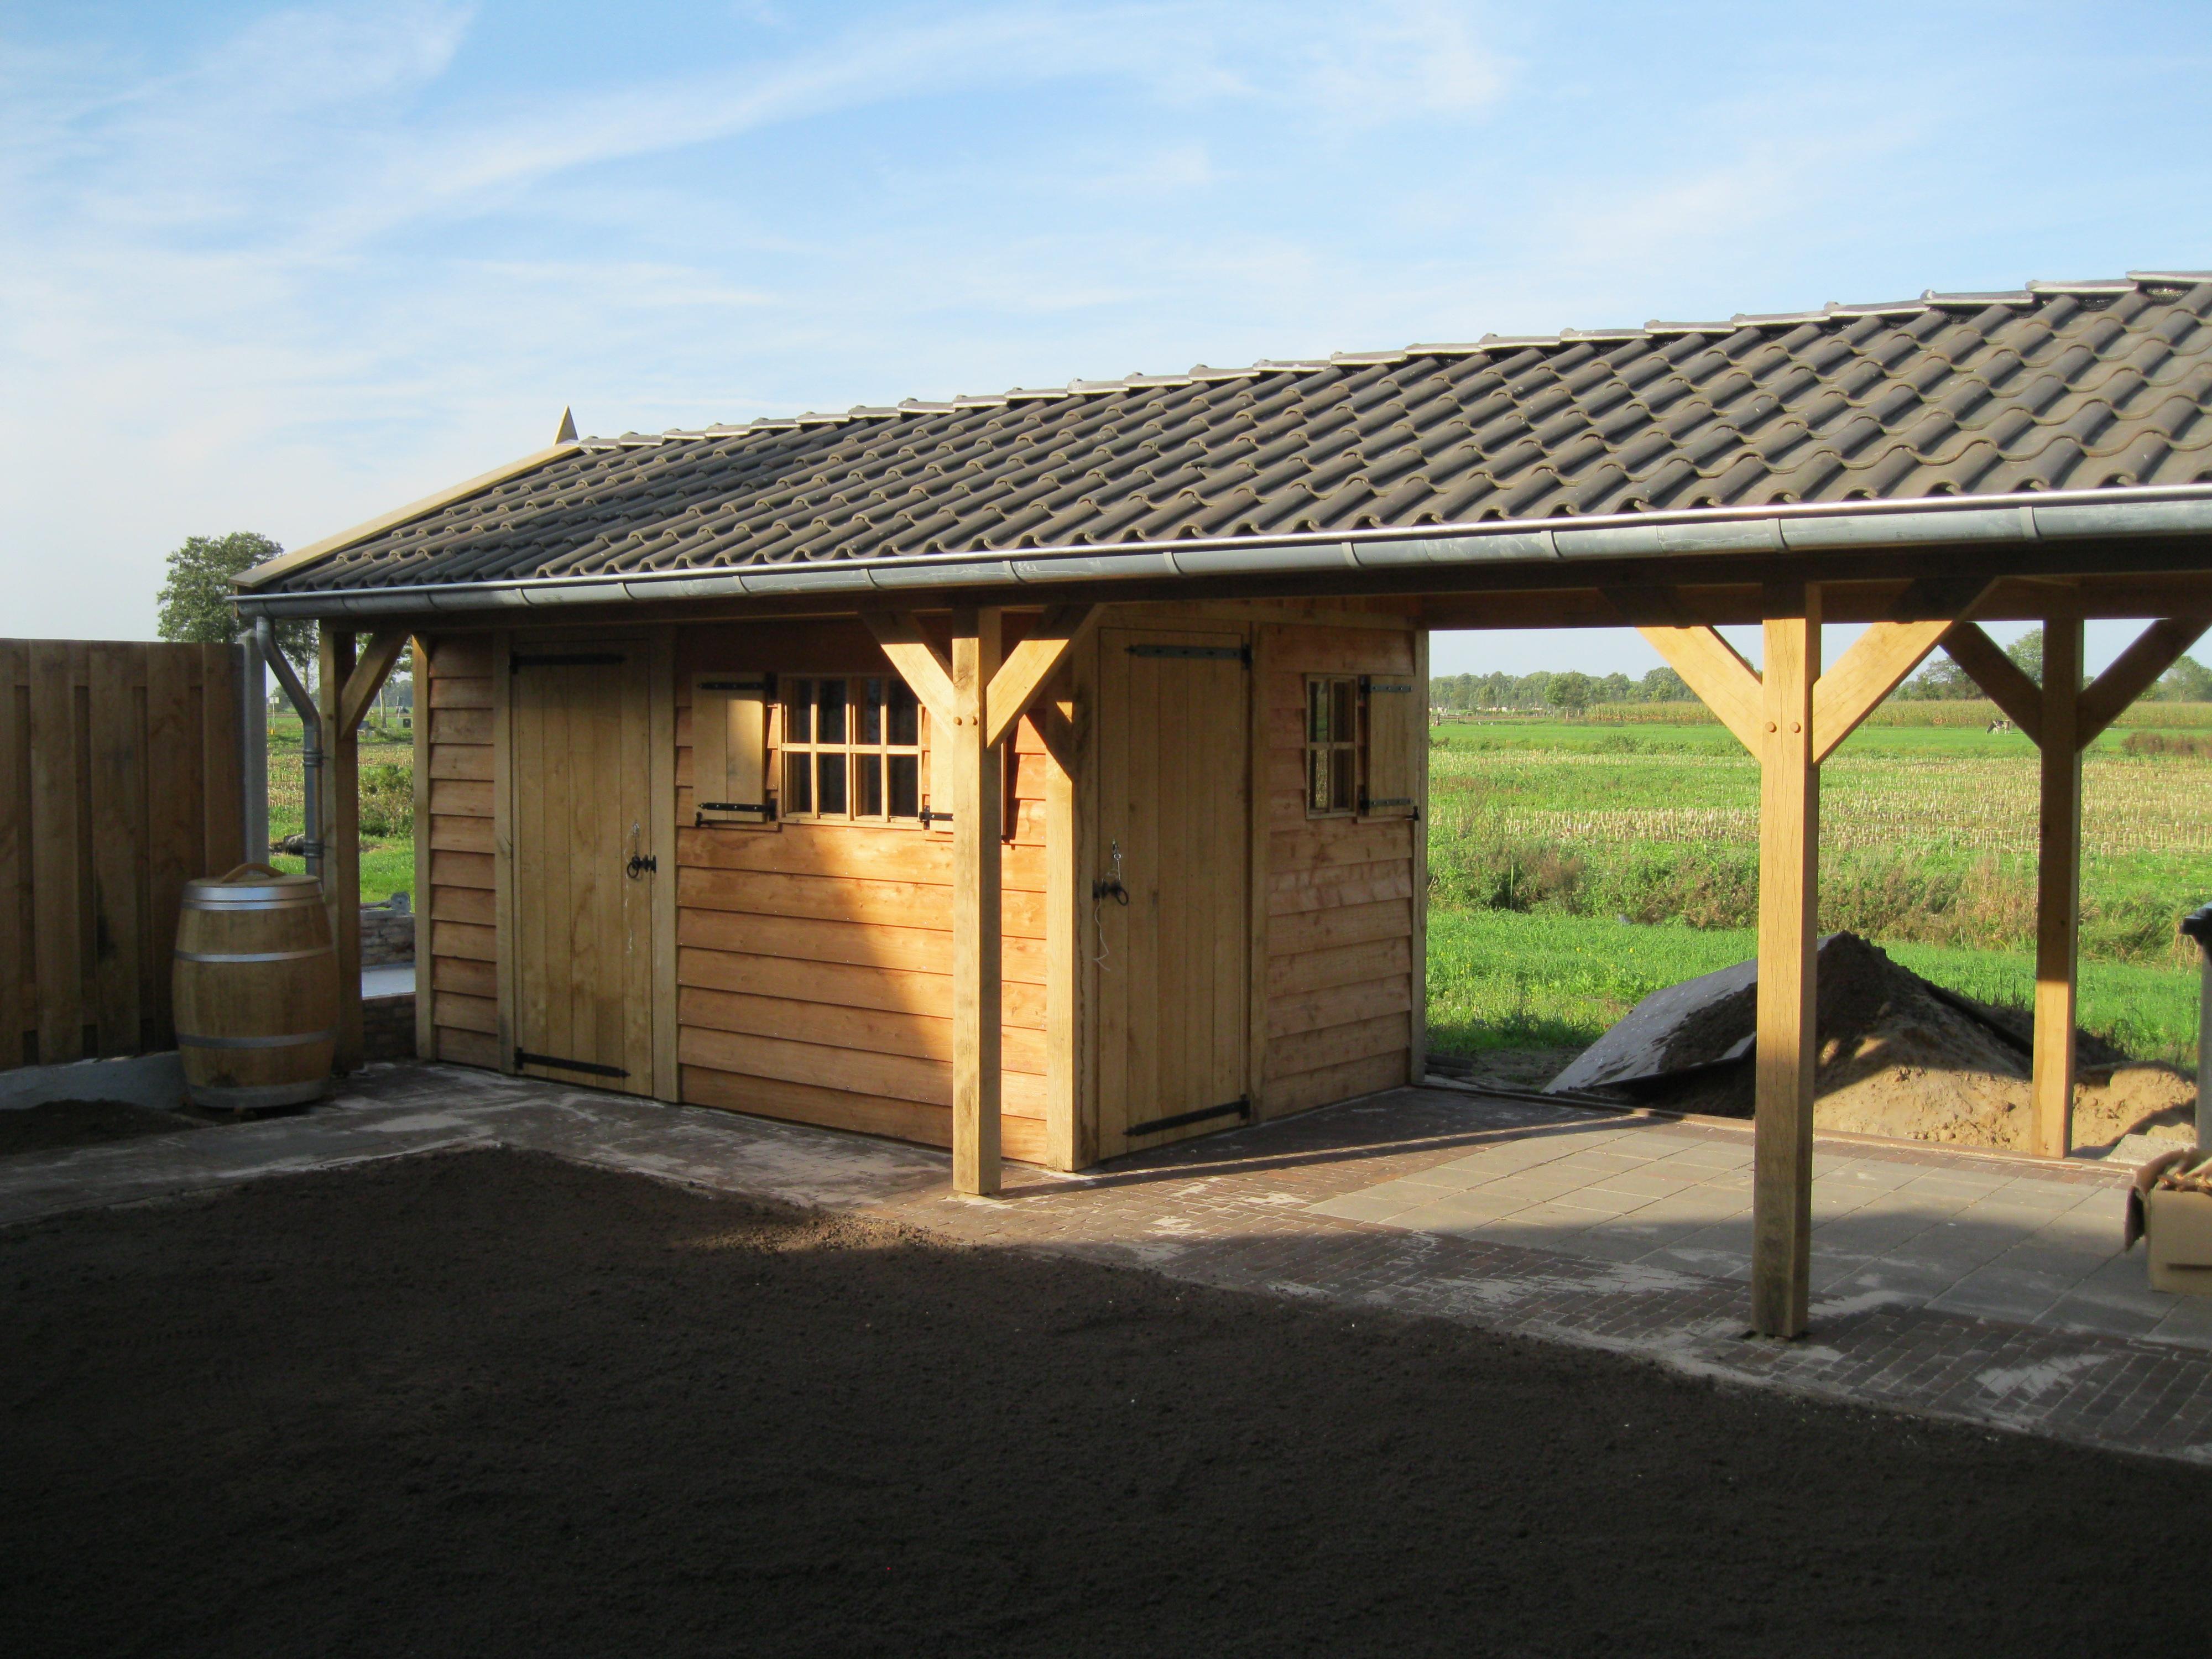 houten_tuinhuis_met_veranda_(12) - Eikenhouten tuinhuis met veranda als bouwpakket geleverd.